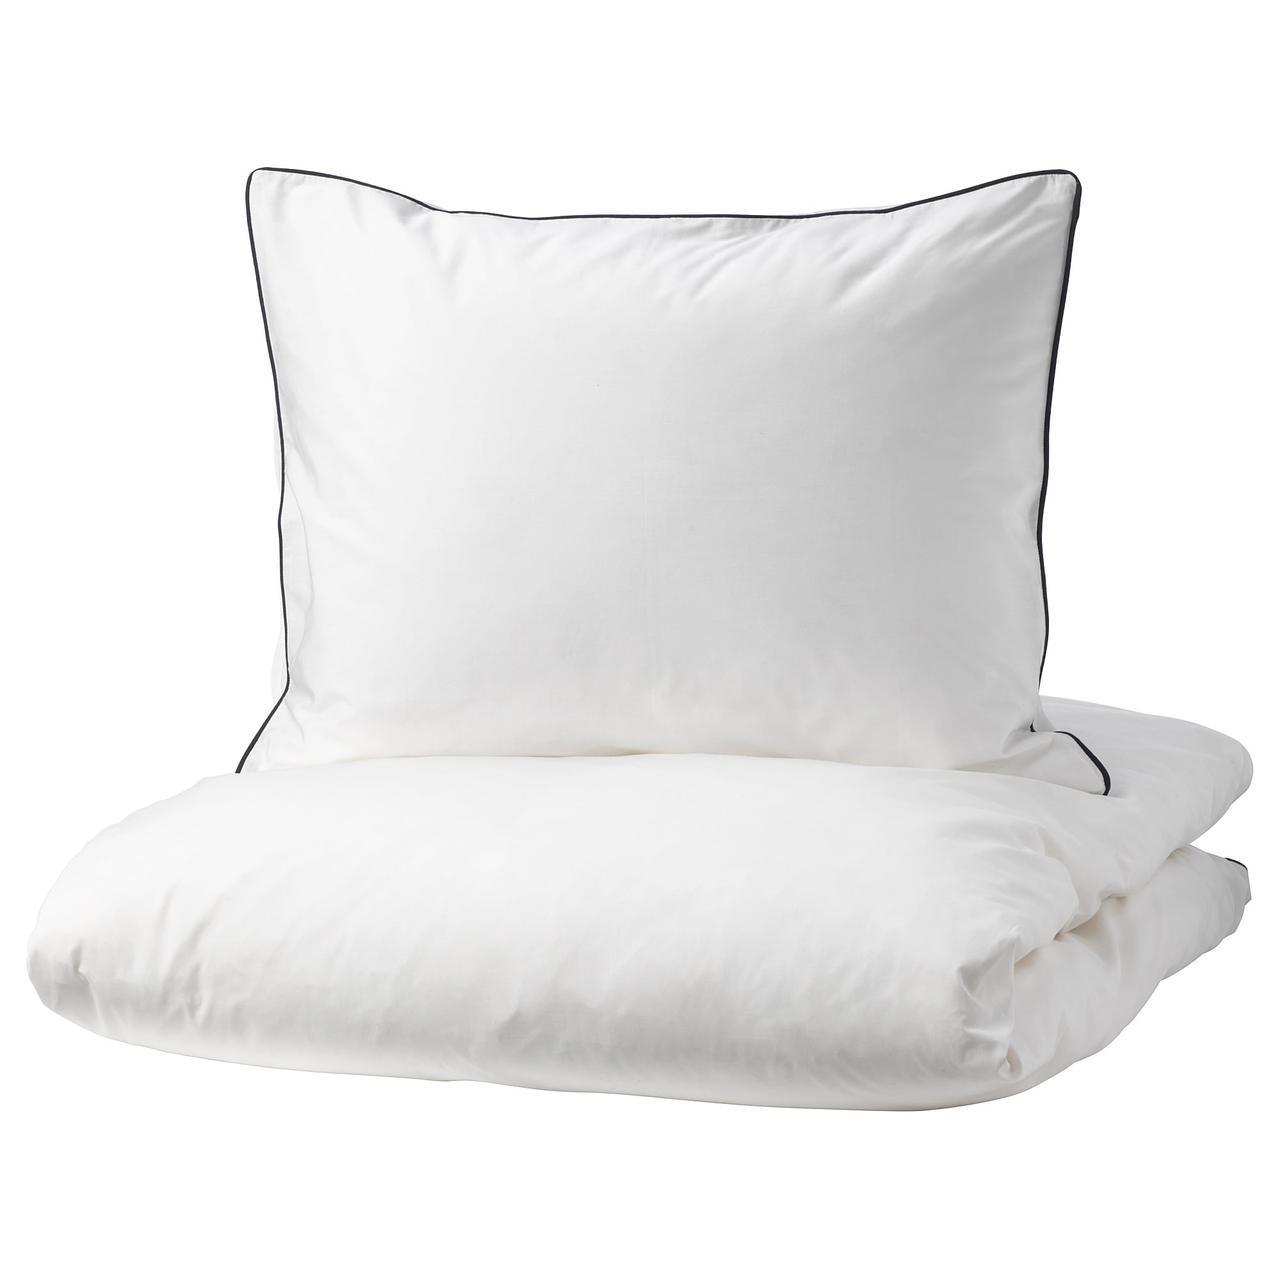 IKEA KUNGSBLOMMA Комплект постельного белья, белый, серый  (004.230.90)